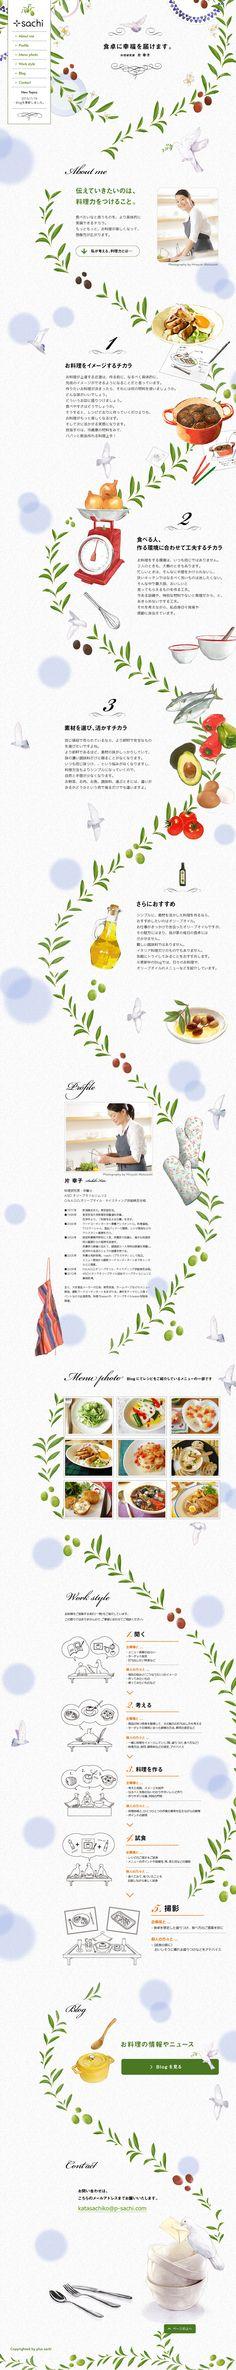 ランディングページ LP 片幸子公式サイト 食品・飲料・お酒 自社サイト